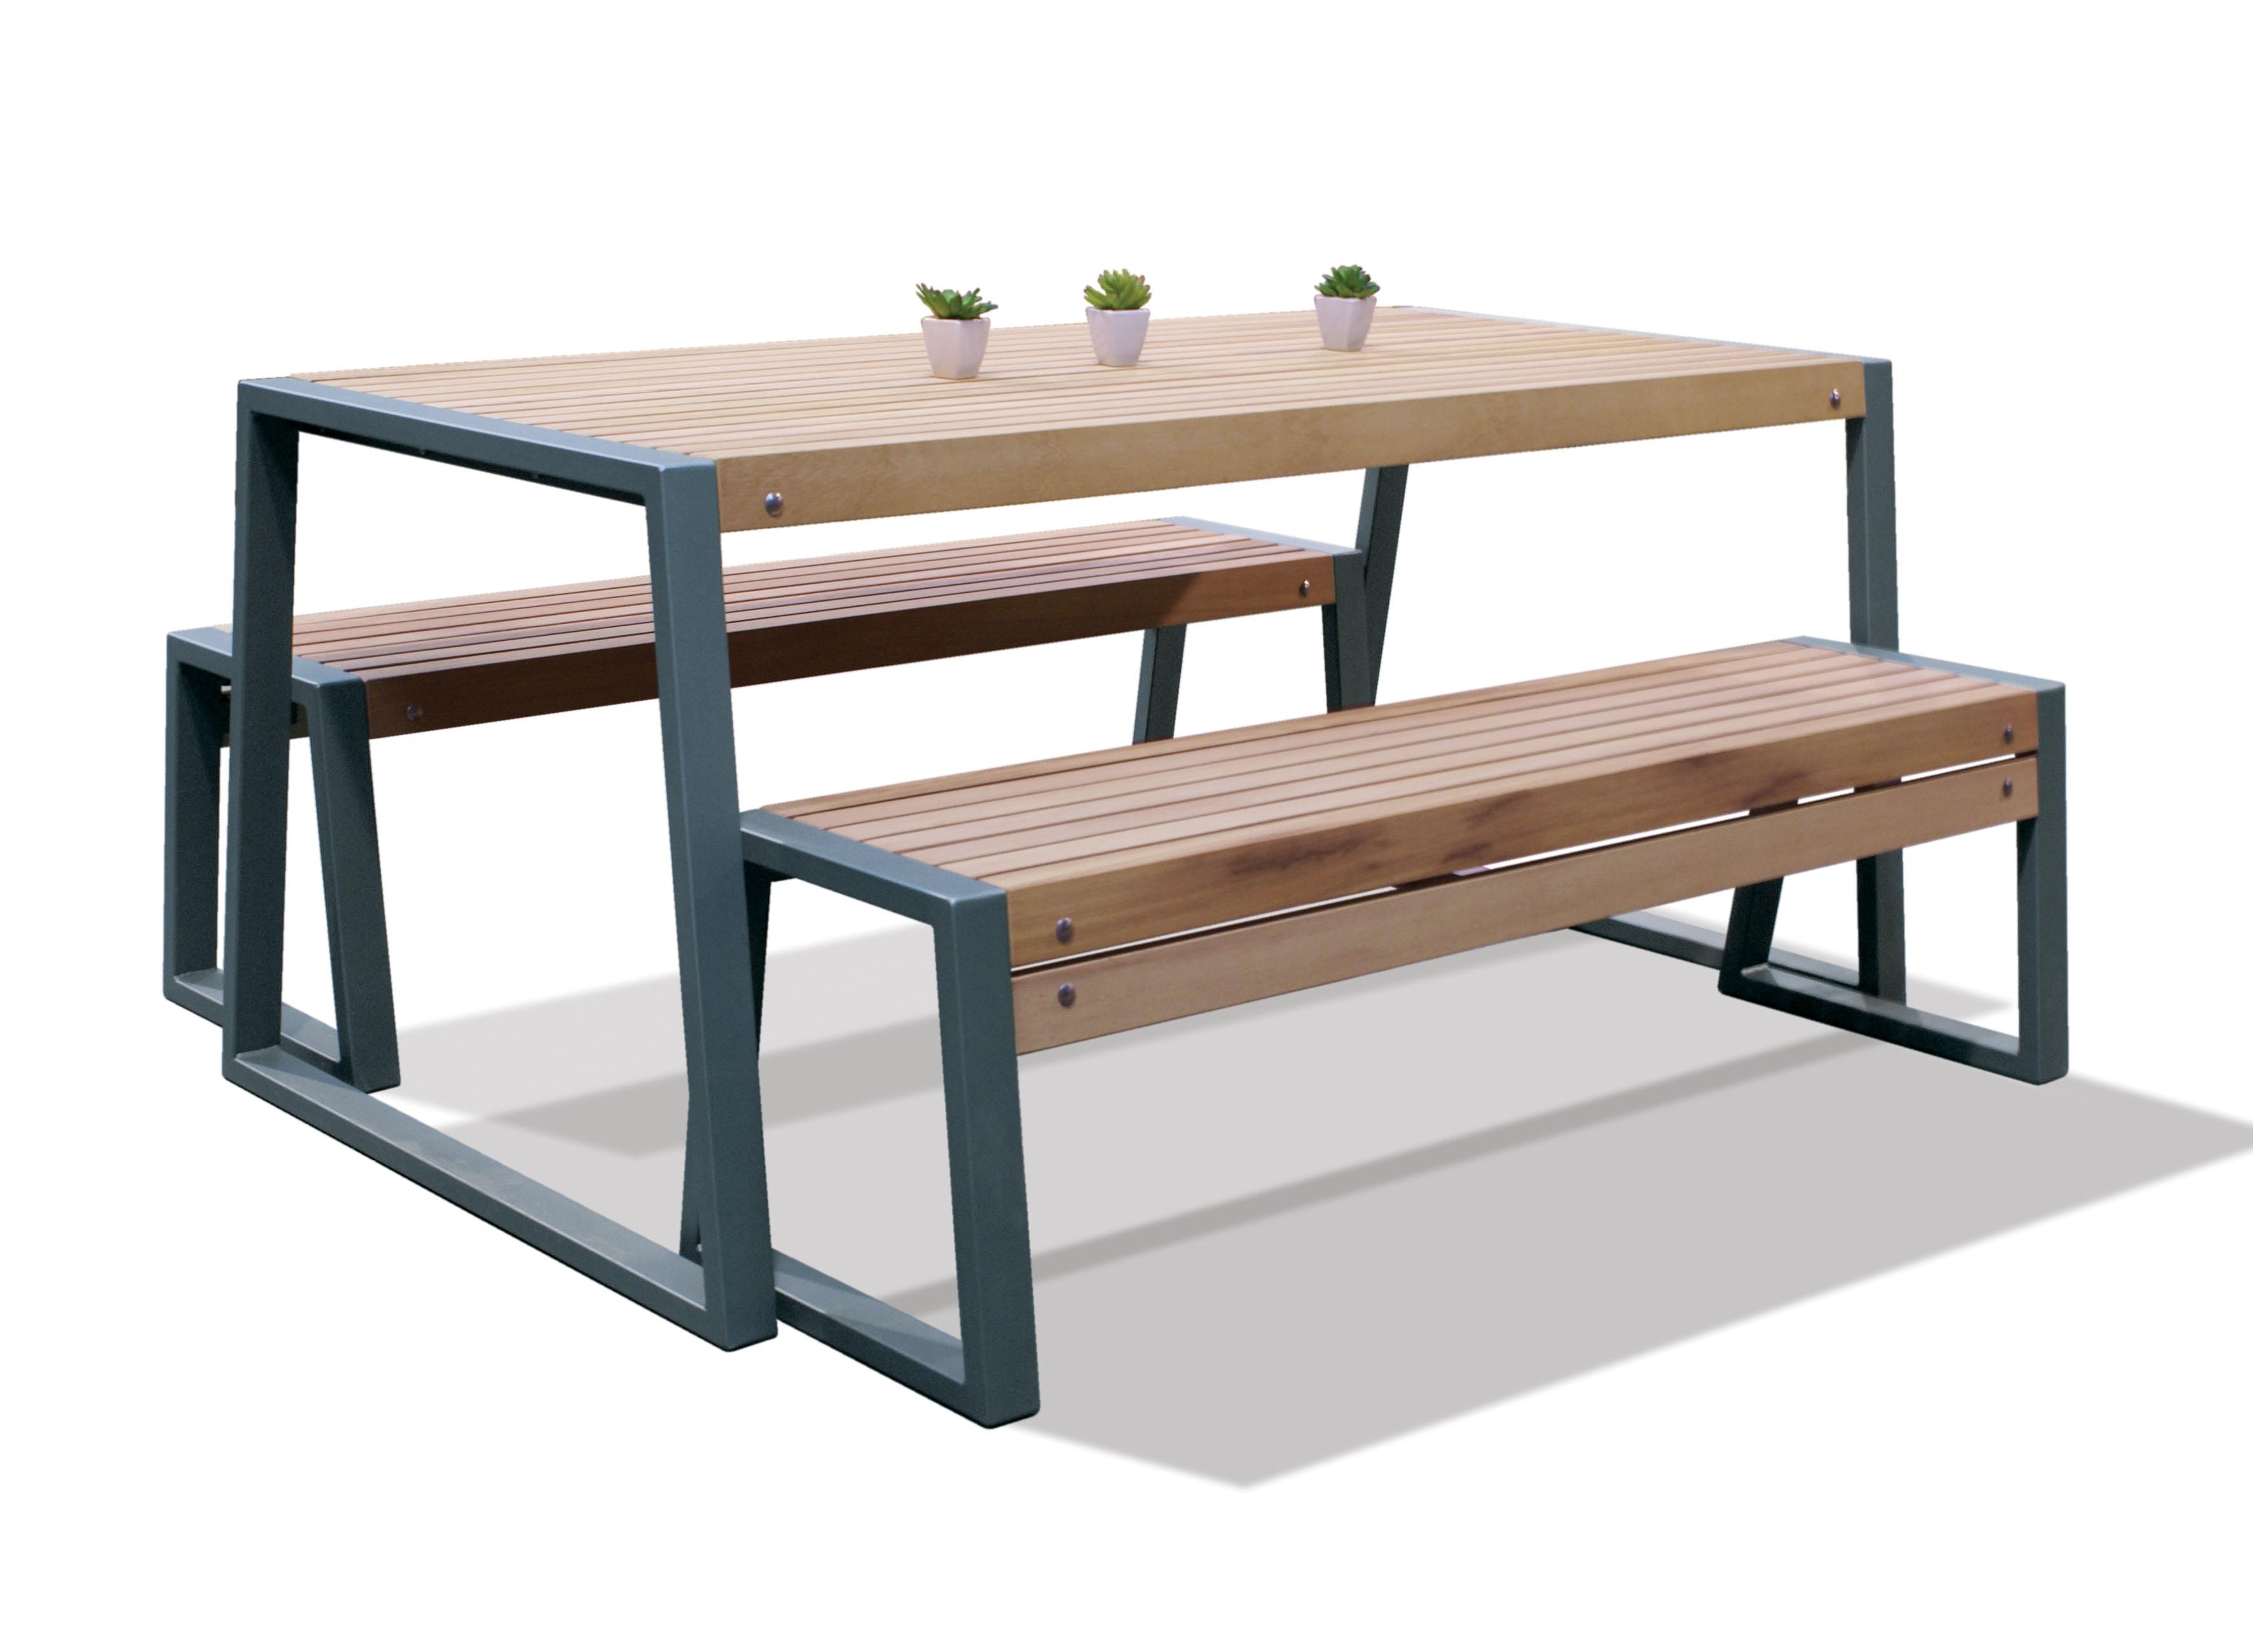 Gardival | Loungeset Lucca M | 180 cm